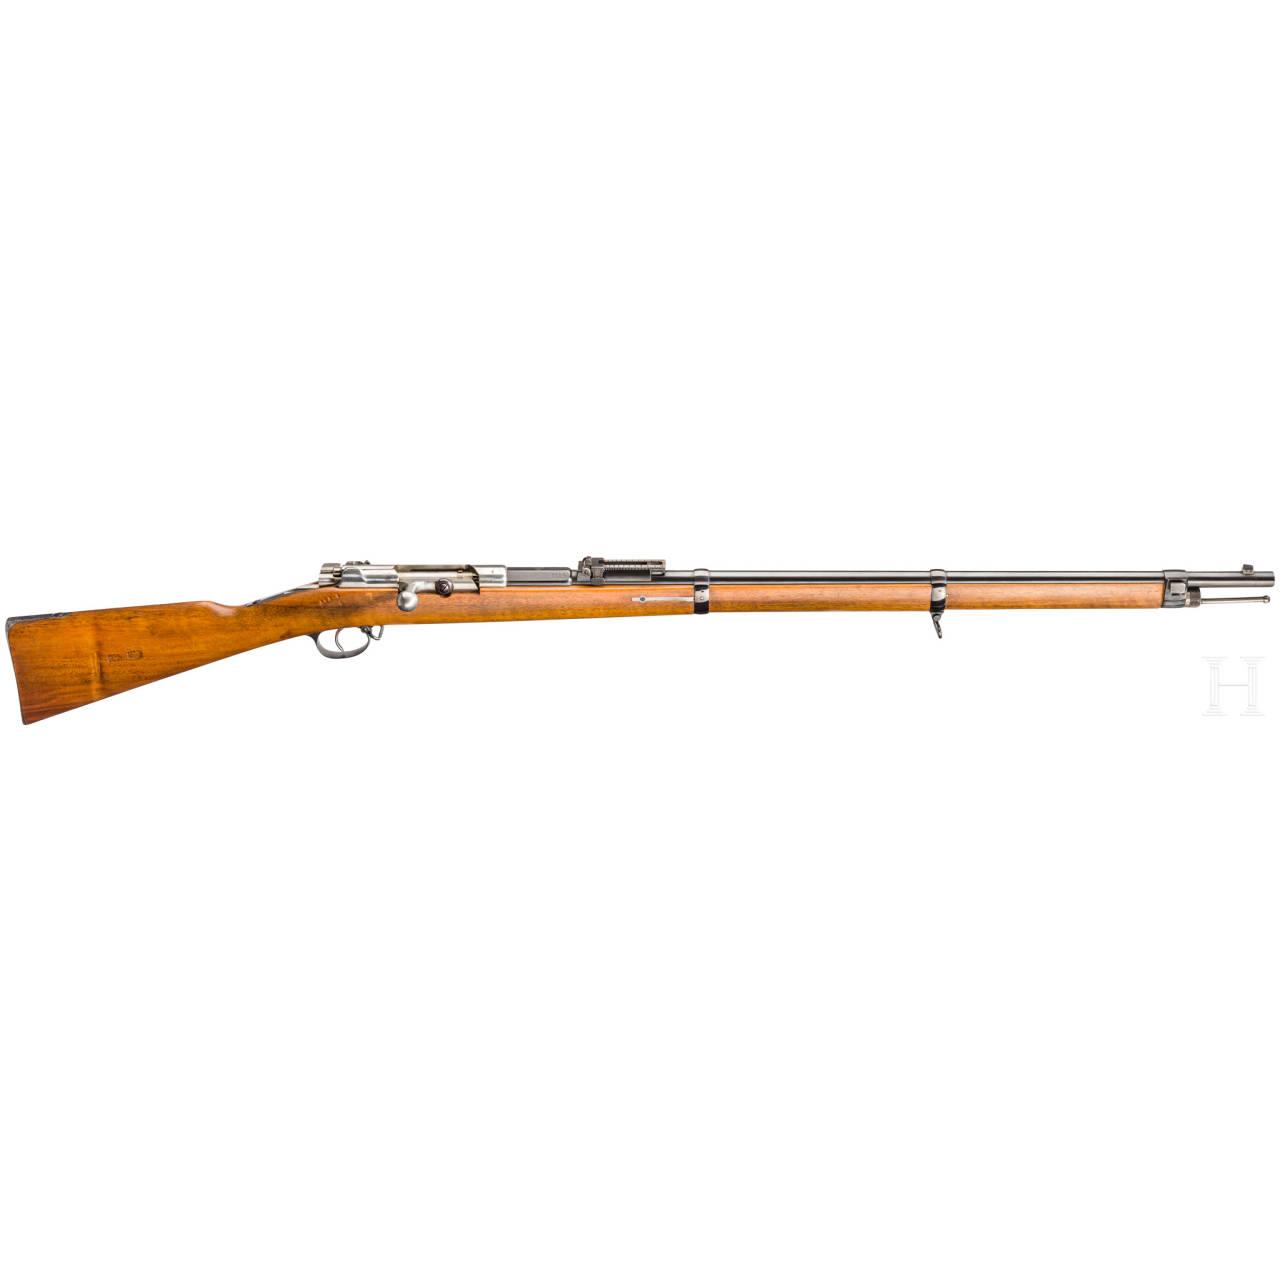 Infanteriegewehr M 1871/84, Spandau